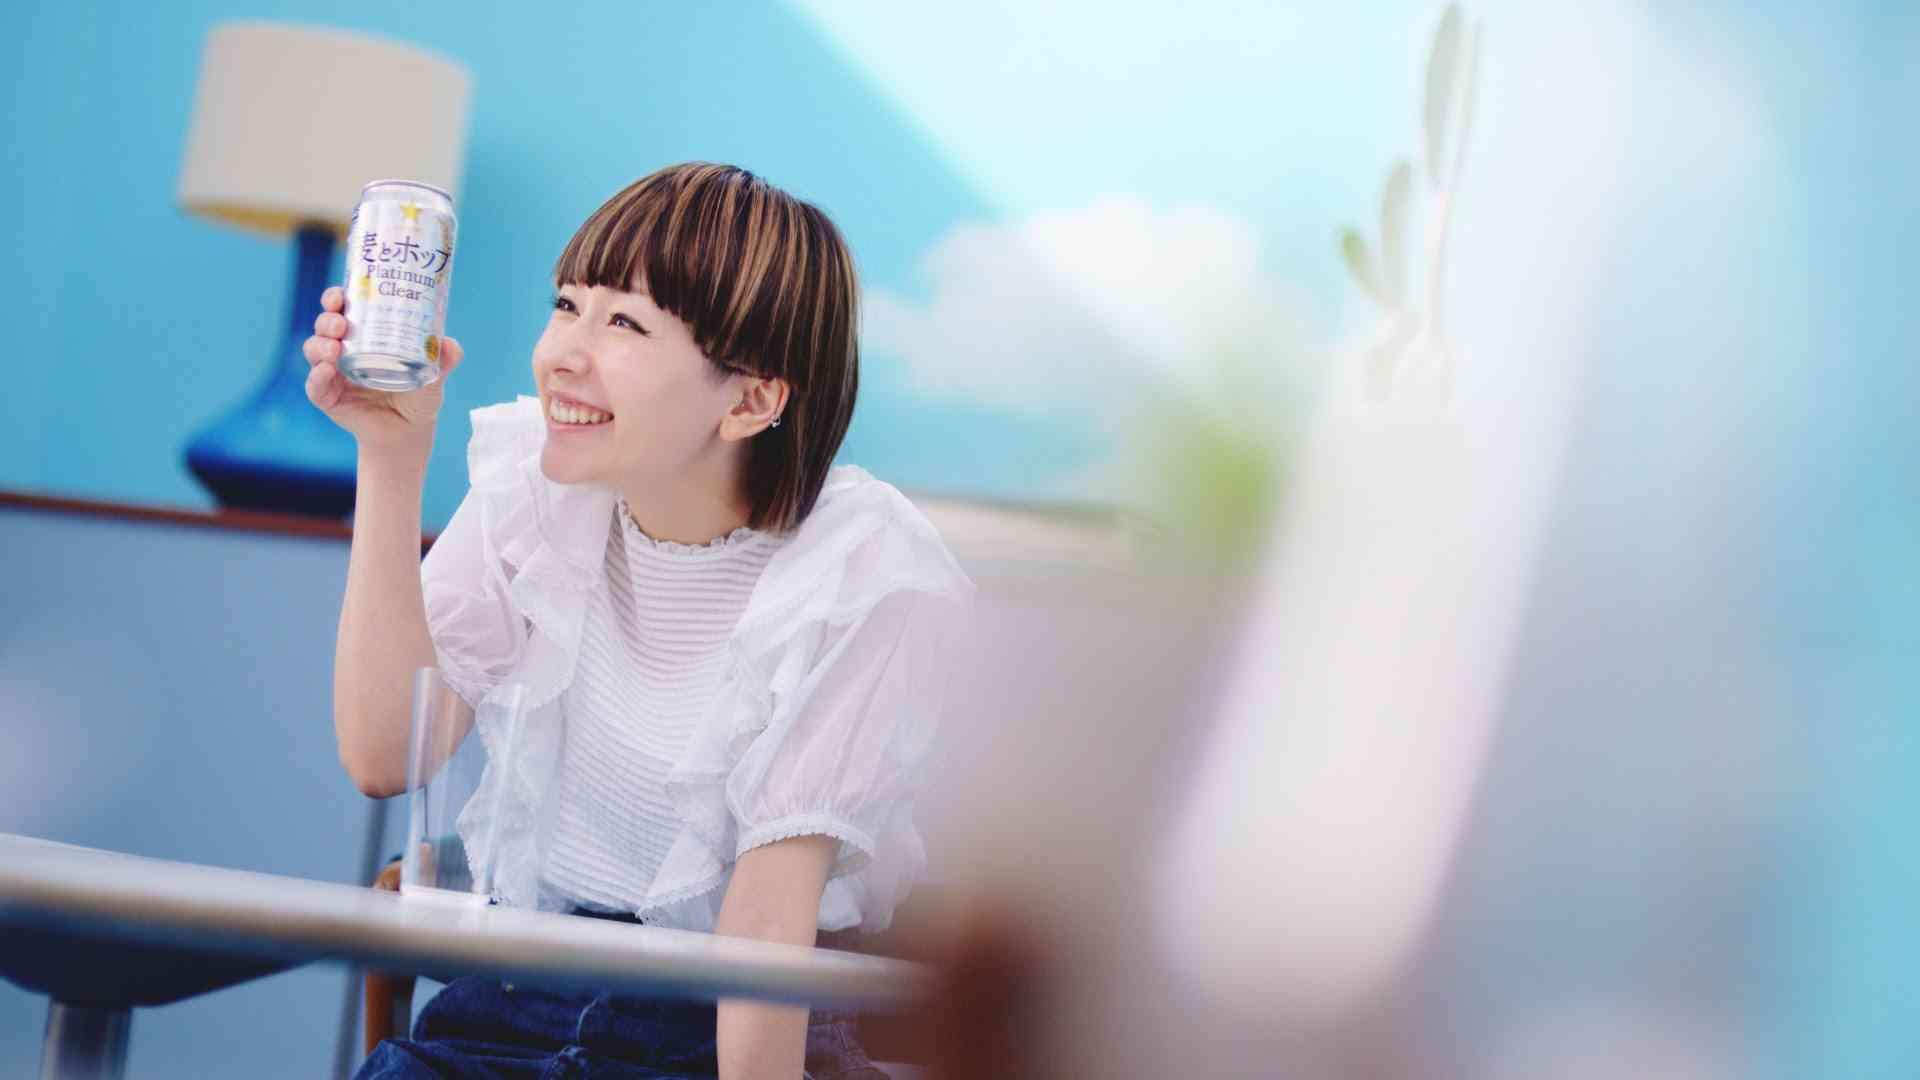 【TVCM】木村カエラ 「爽快カエラ篇」| 麦とホップ プラチナクリア - YouTube